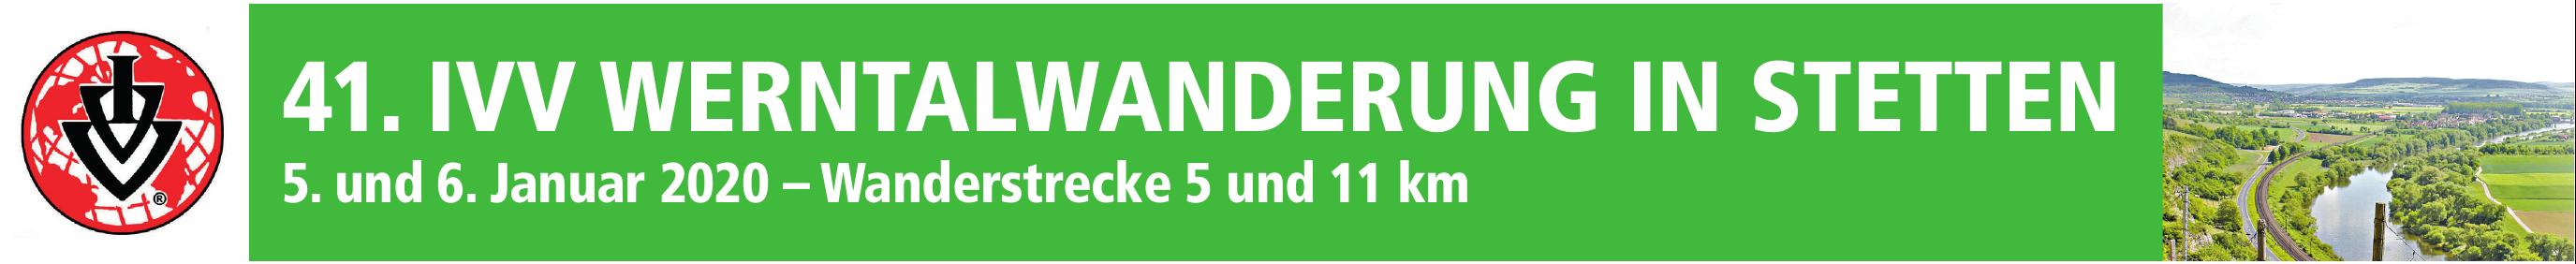 41. IVV Werntalwanderung in Stetten Image 1